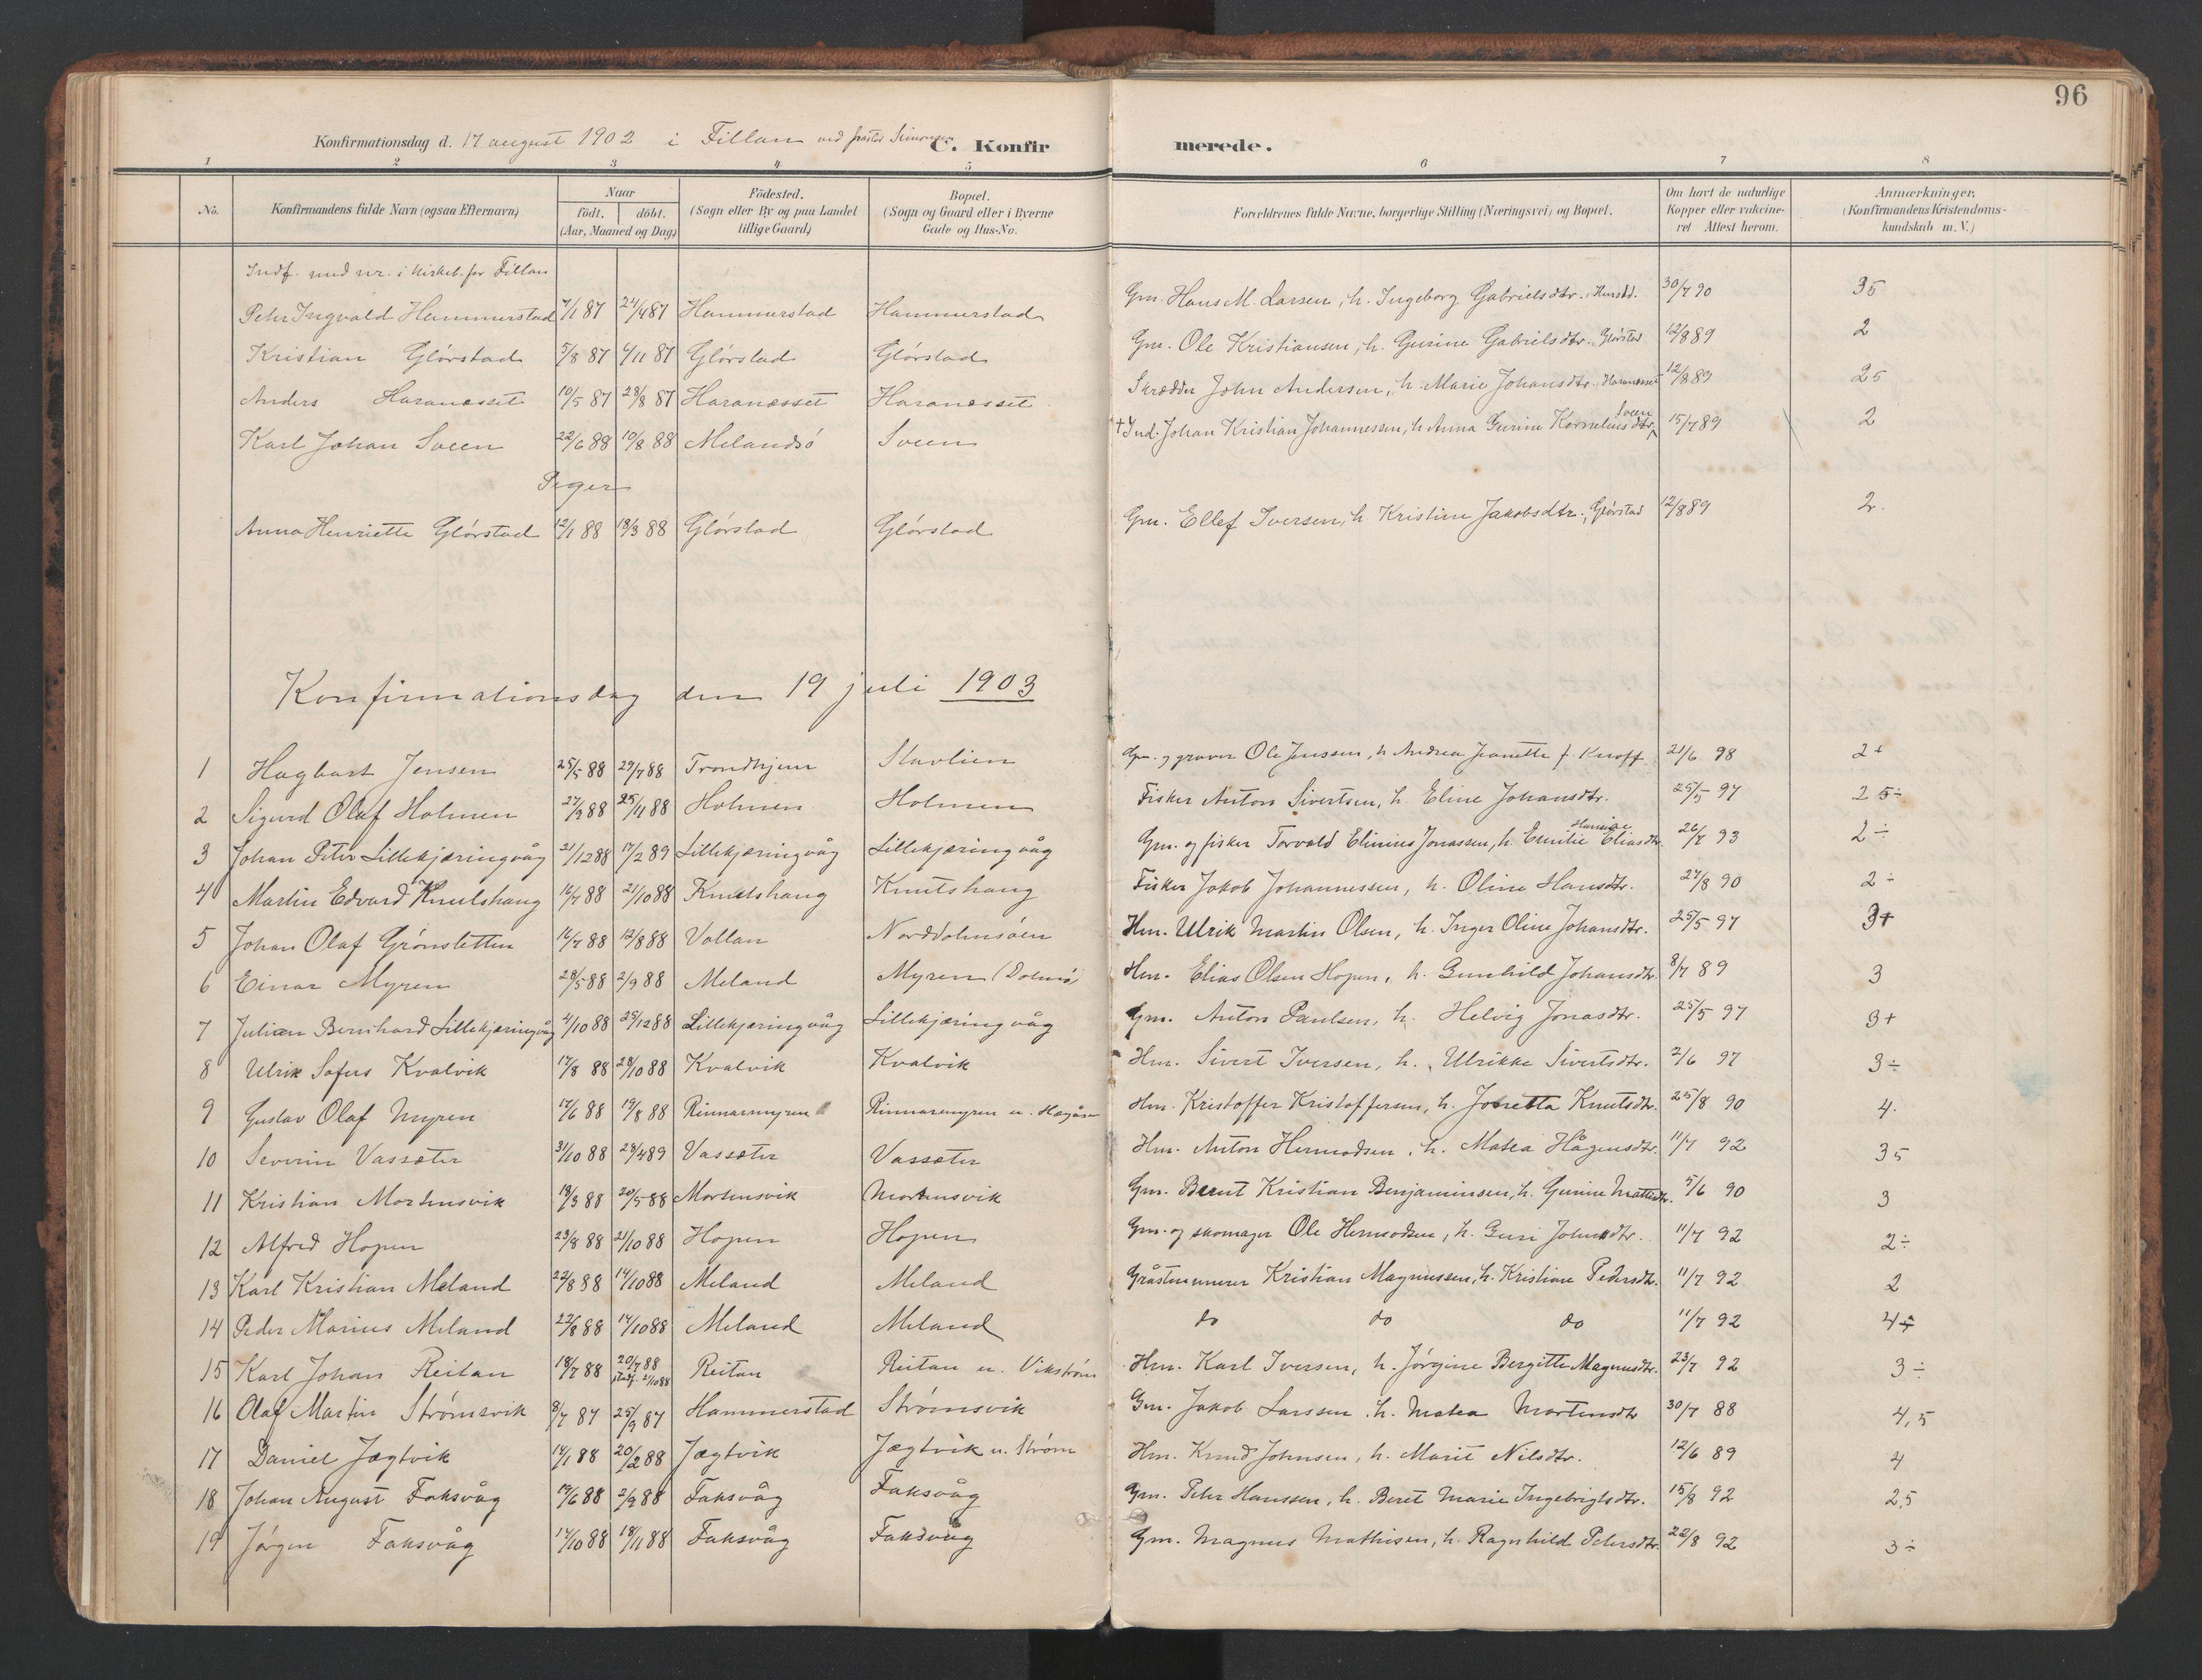 SAT, Ministerialprotokoller, klokkerbøker og fødselsregistre - Sør-Trøndelag, 634/L0537: Ministerialbok nr. 634A13, 1896-1922, s. 96